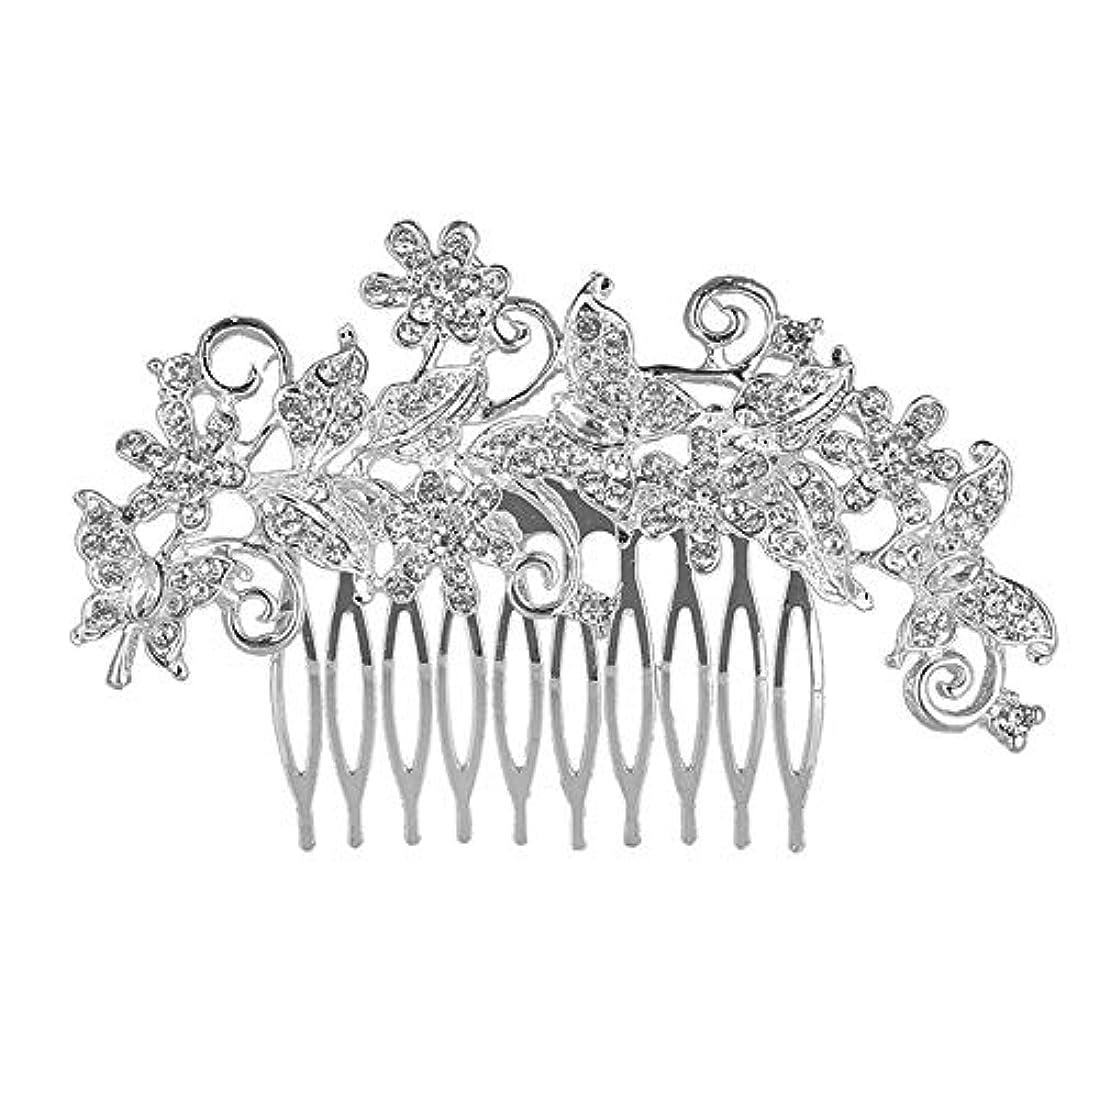 ニコチン変更銅韓国のヘアアクセサリー_韓国の花嫁のヘアアクセサリー日の花のヘッドドレスファッションヘアコーム花嫁合金結婚式結婚式卸売